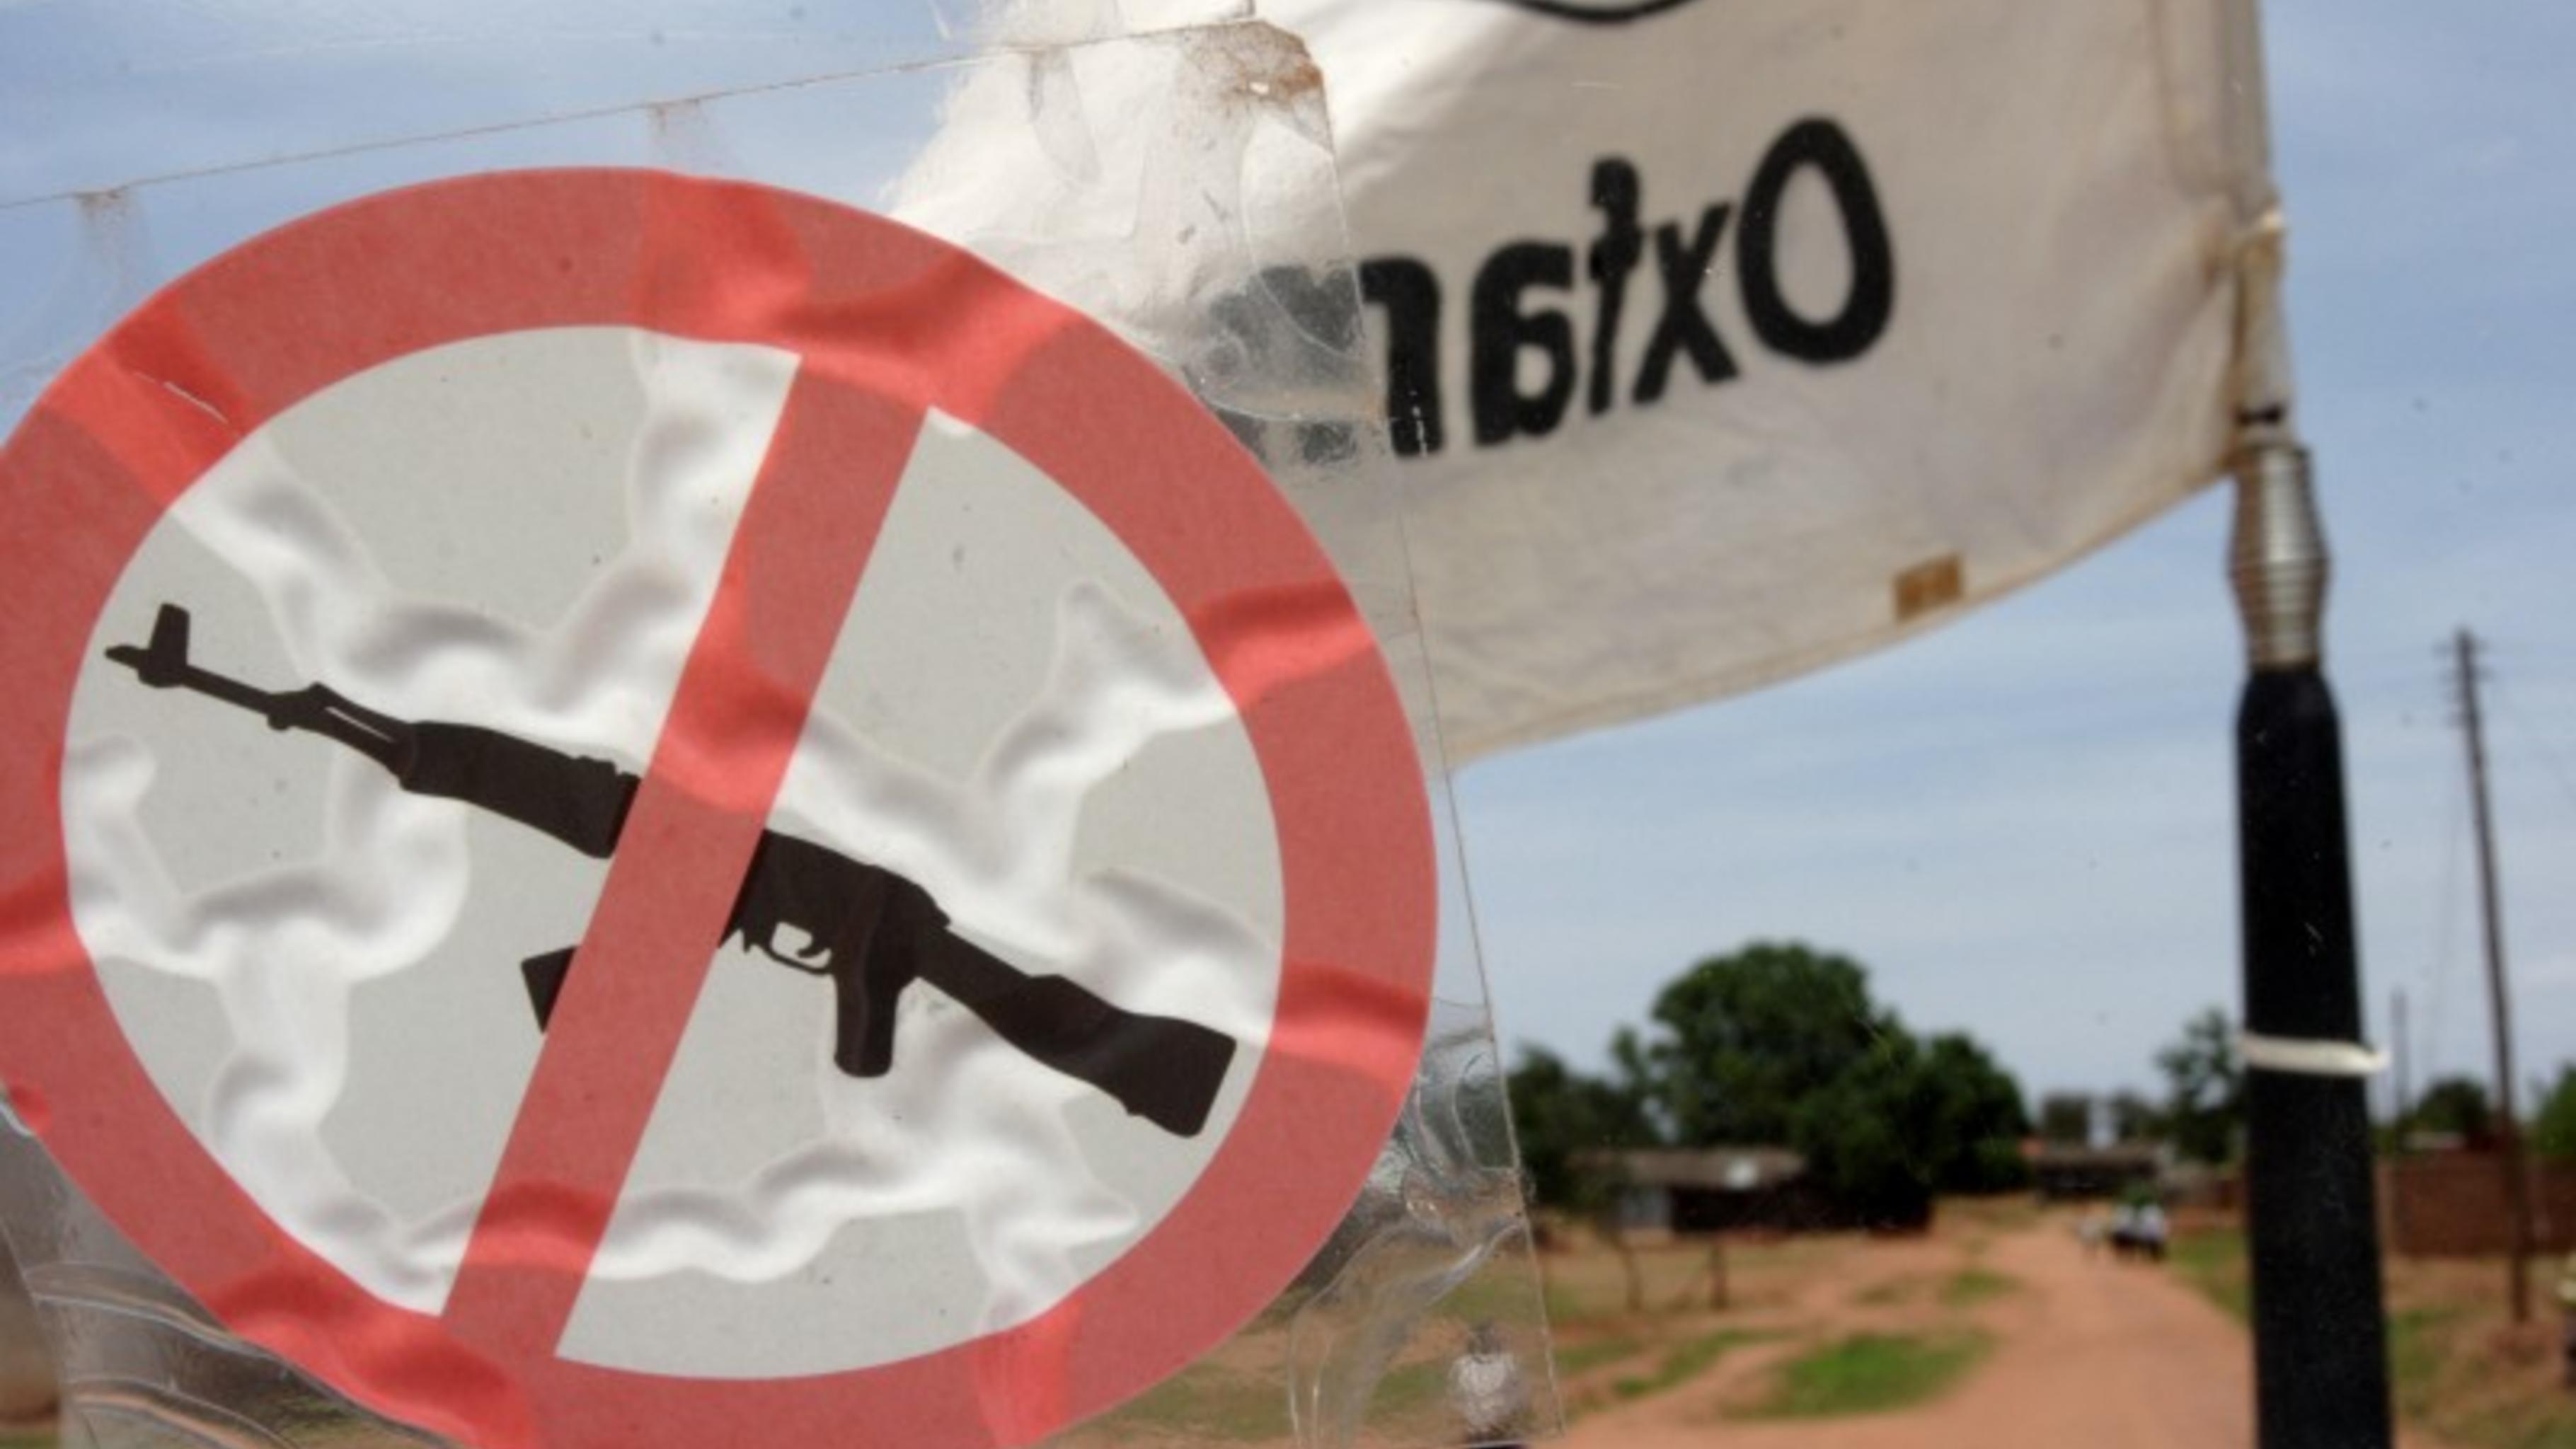 Foto: Oxfam Logo und Waffenverbot